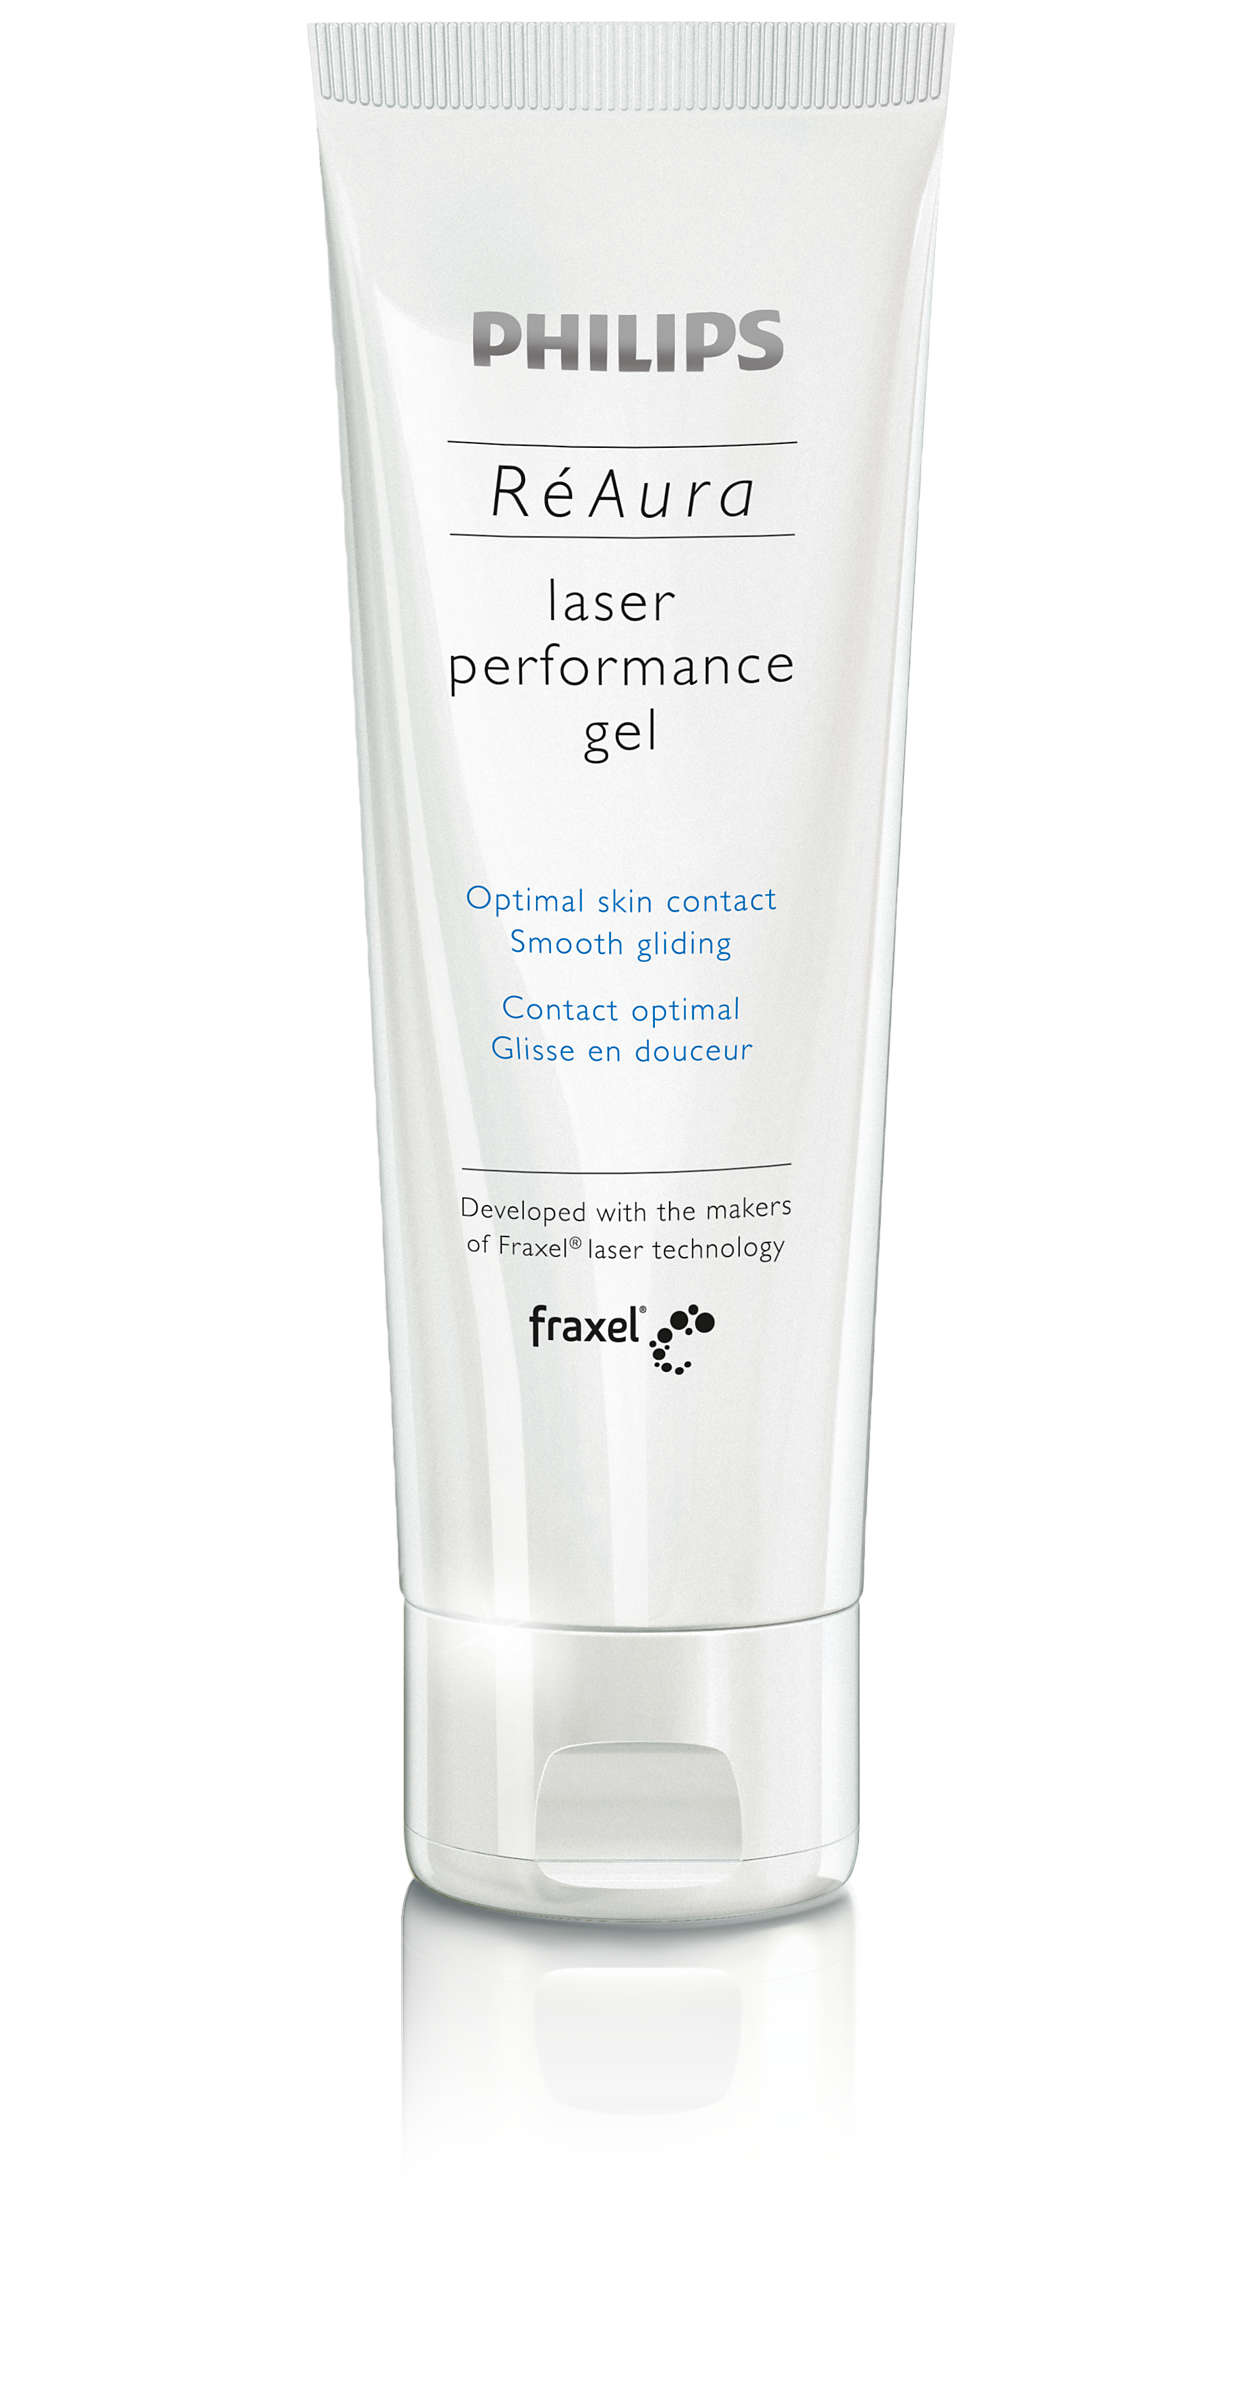 Оптимальный контакт с кожей и гладкое скольжение